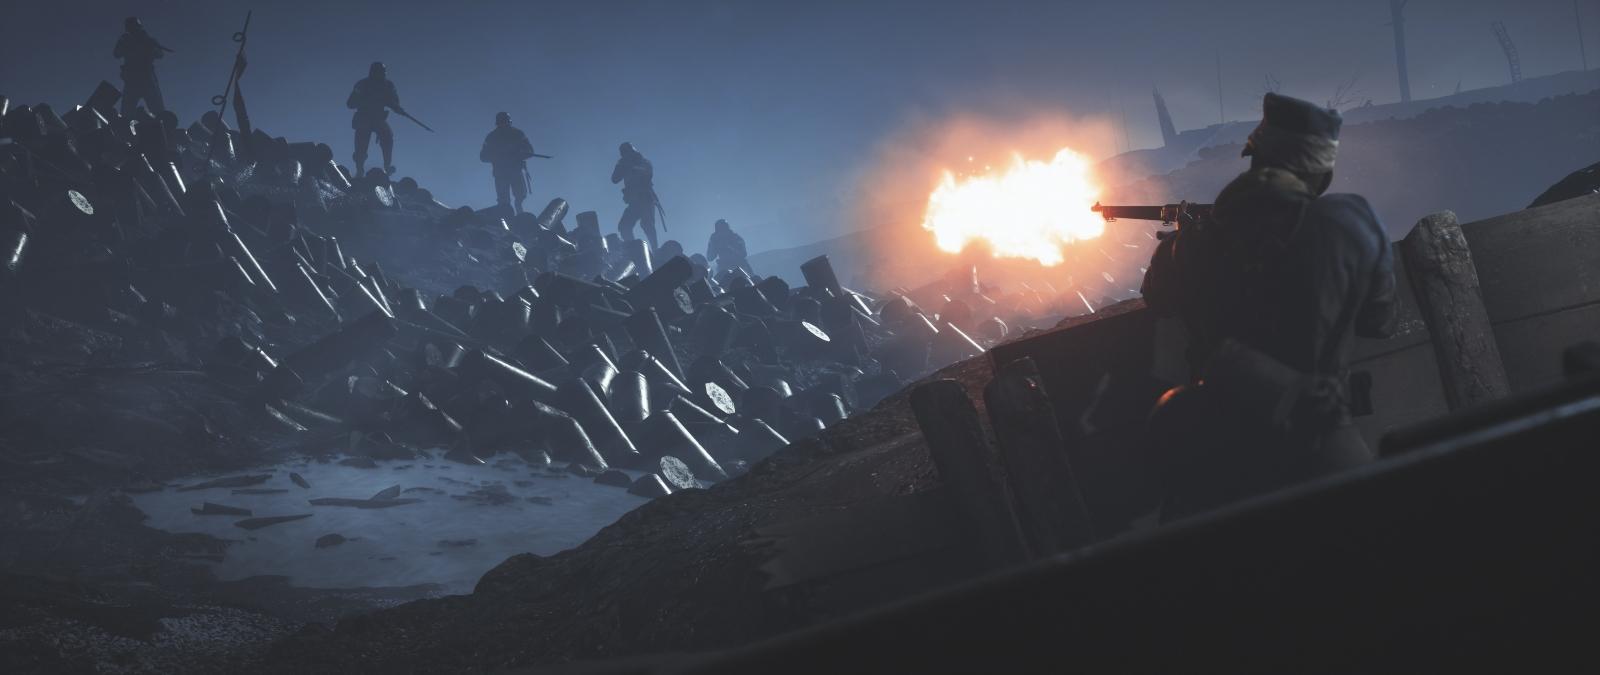 battlefield 1 7680x3240 fire enemy soldiers 4k 8k 9935